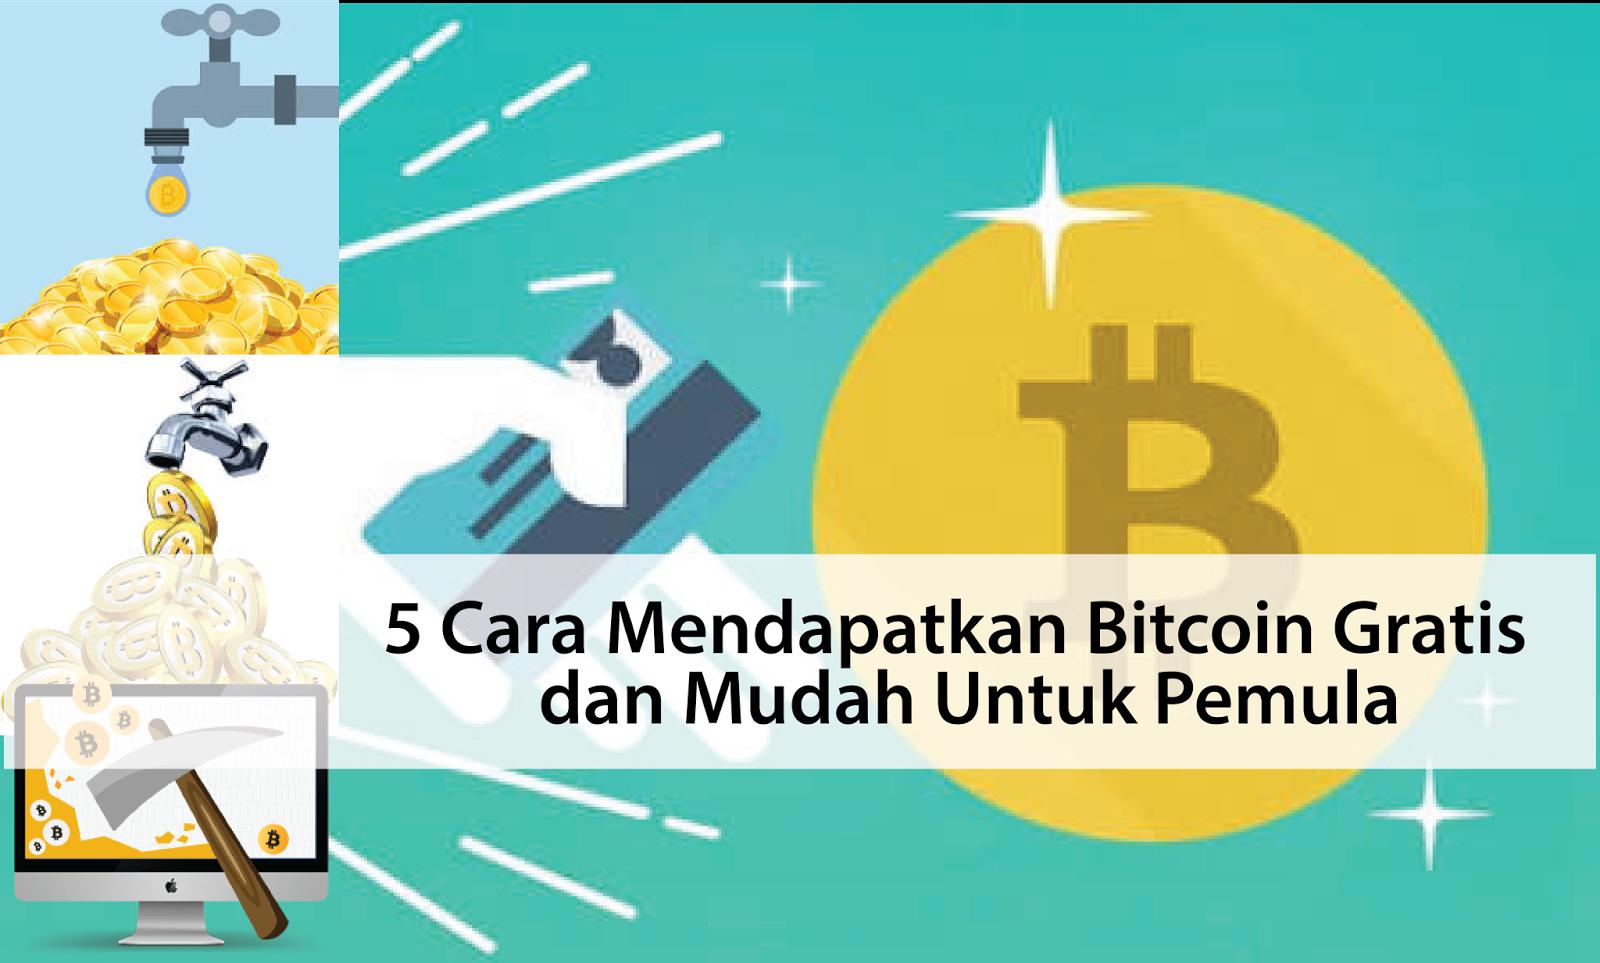 5 Cara Mendapatkan Bitcoin Mudah Dan Gratis Untuk Pemula Rak Mining